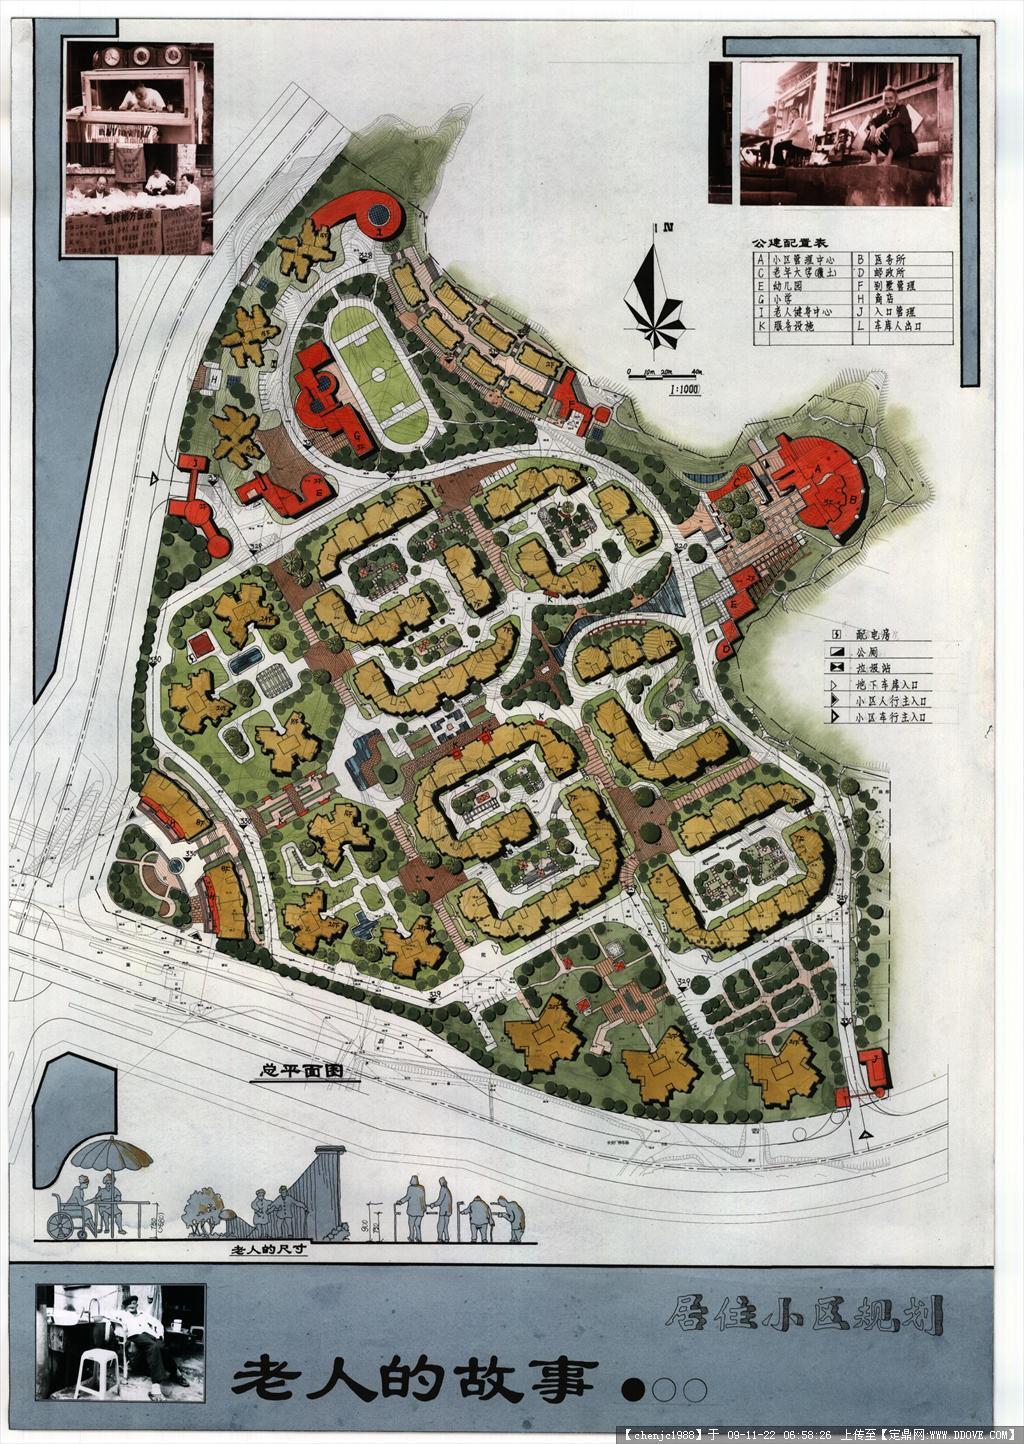 住宅小区规划效果图图片分享;